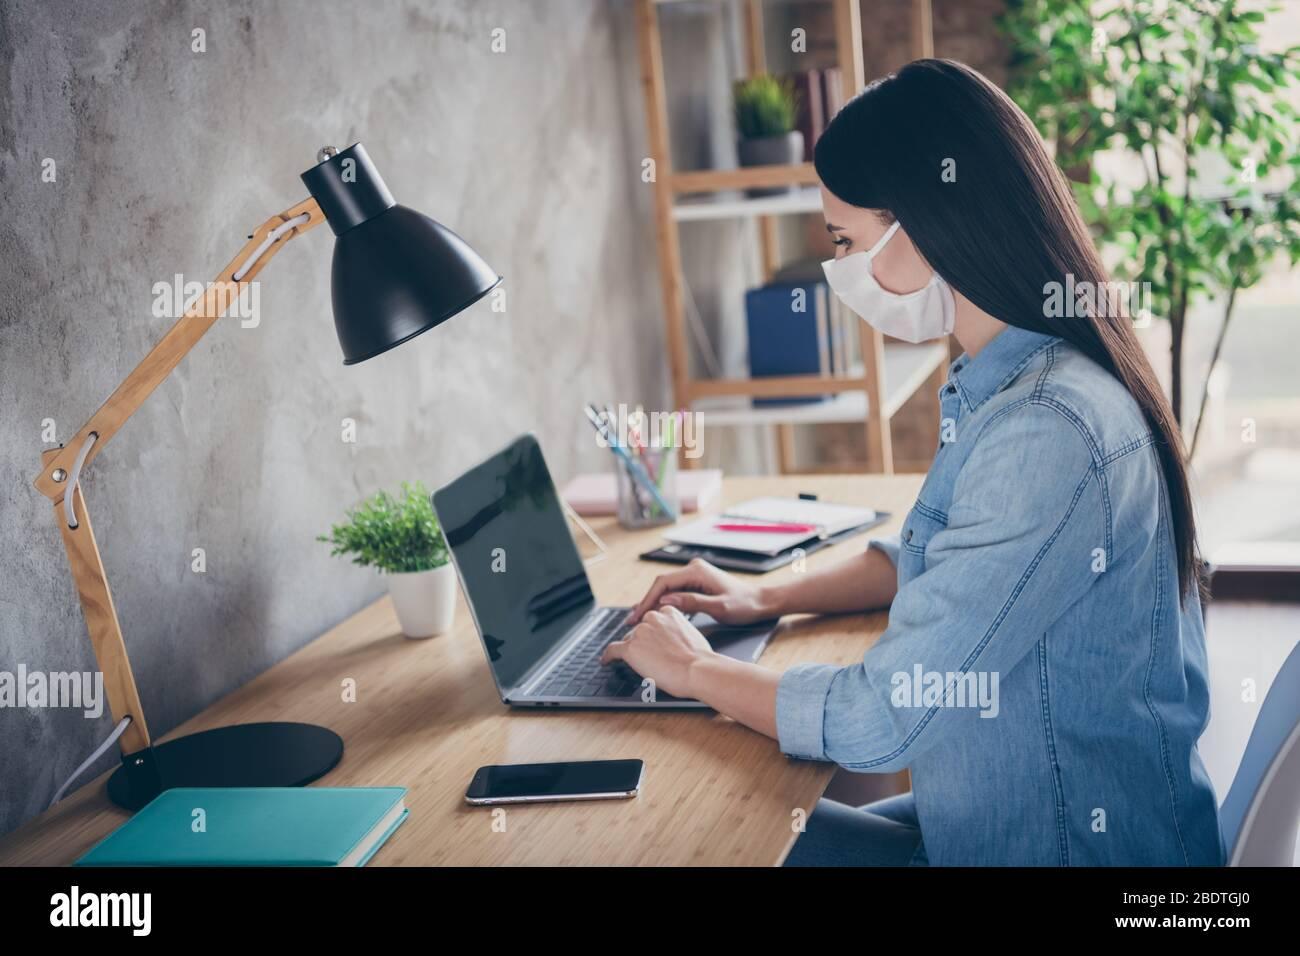 Profil vue latérale portrait de elle belle focalisée attirante brunette fille professionnel copywriter designer financier utilisant ordinateur portable travaillant dans Banque D'Images